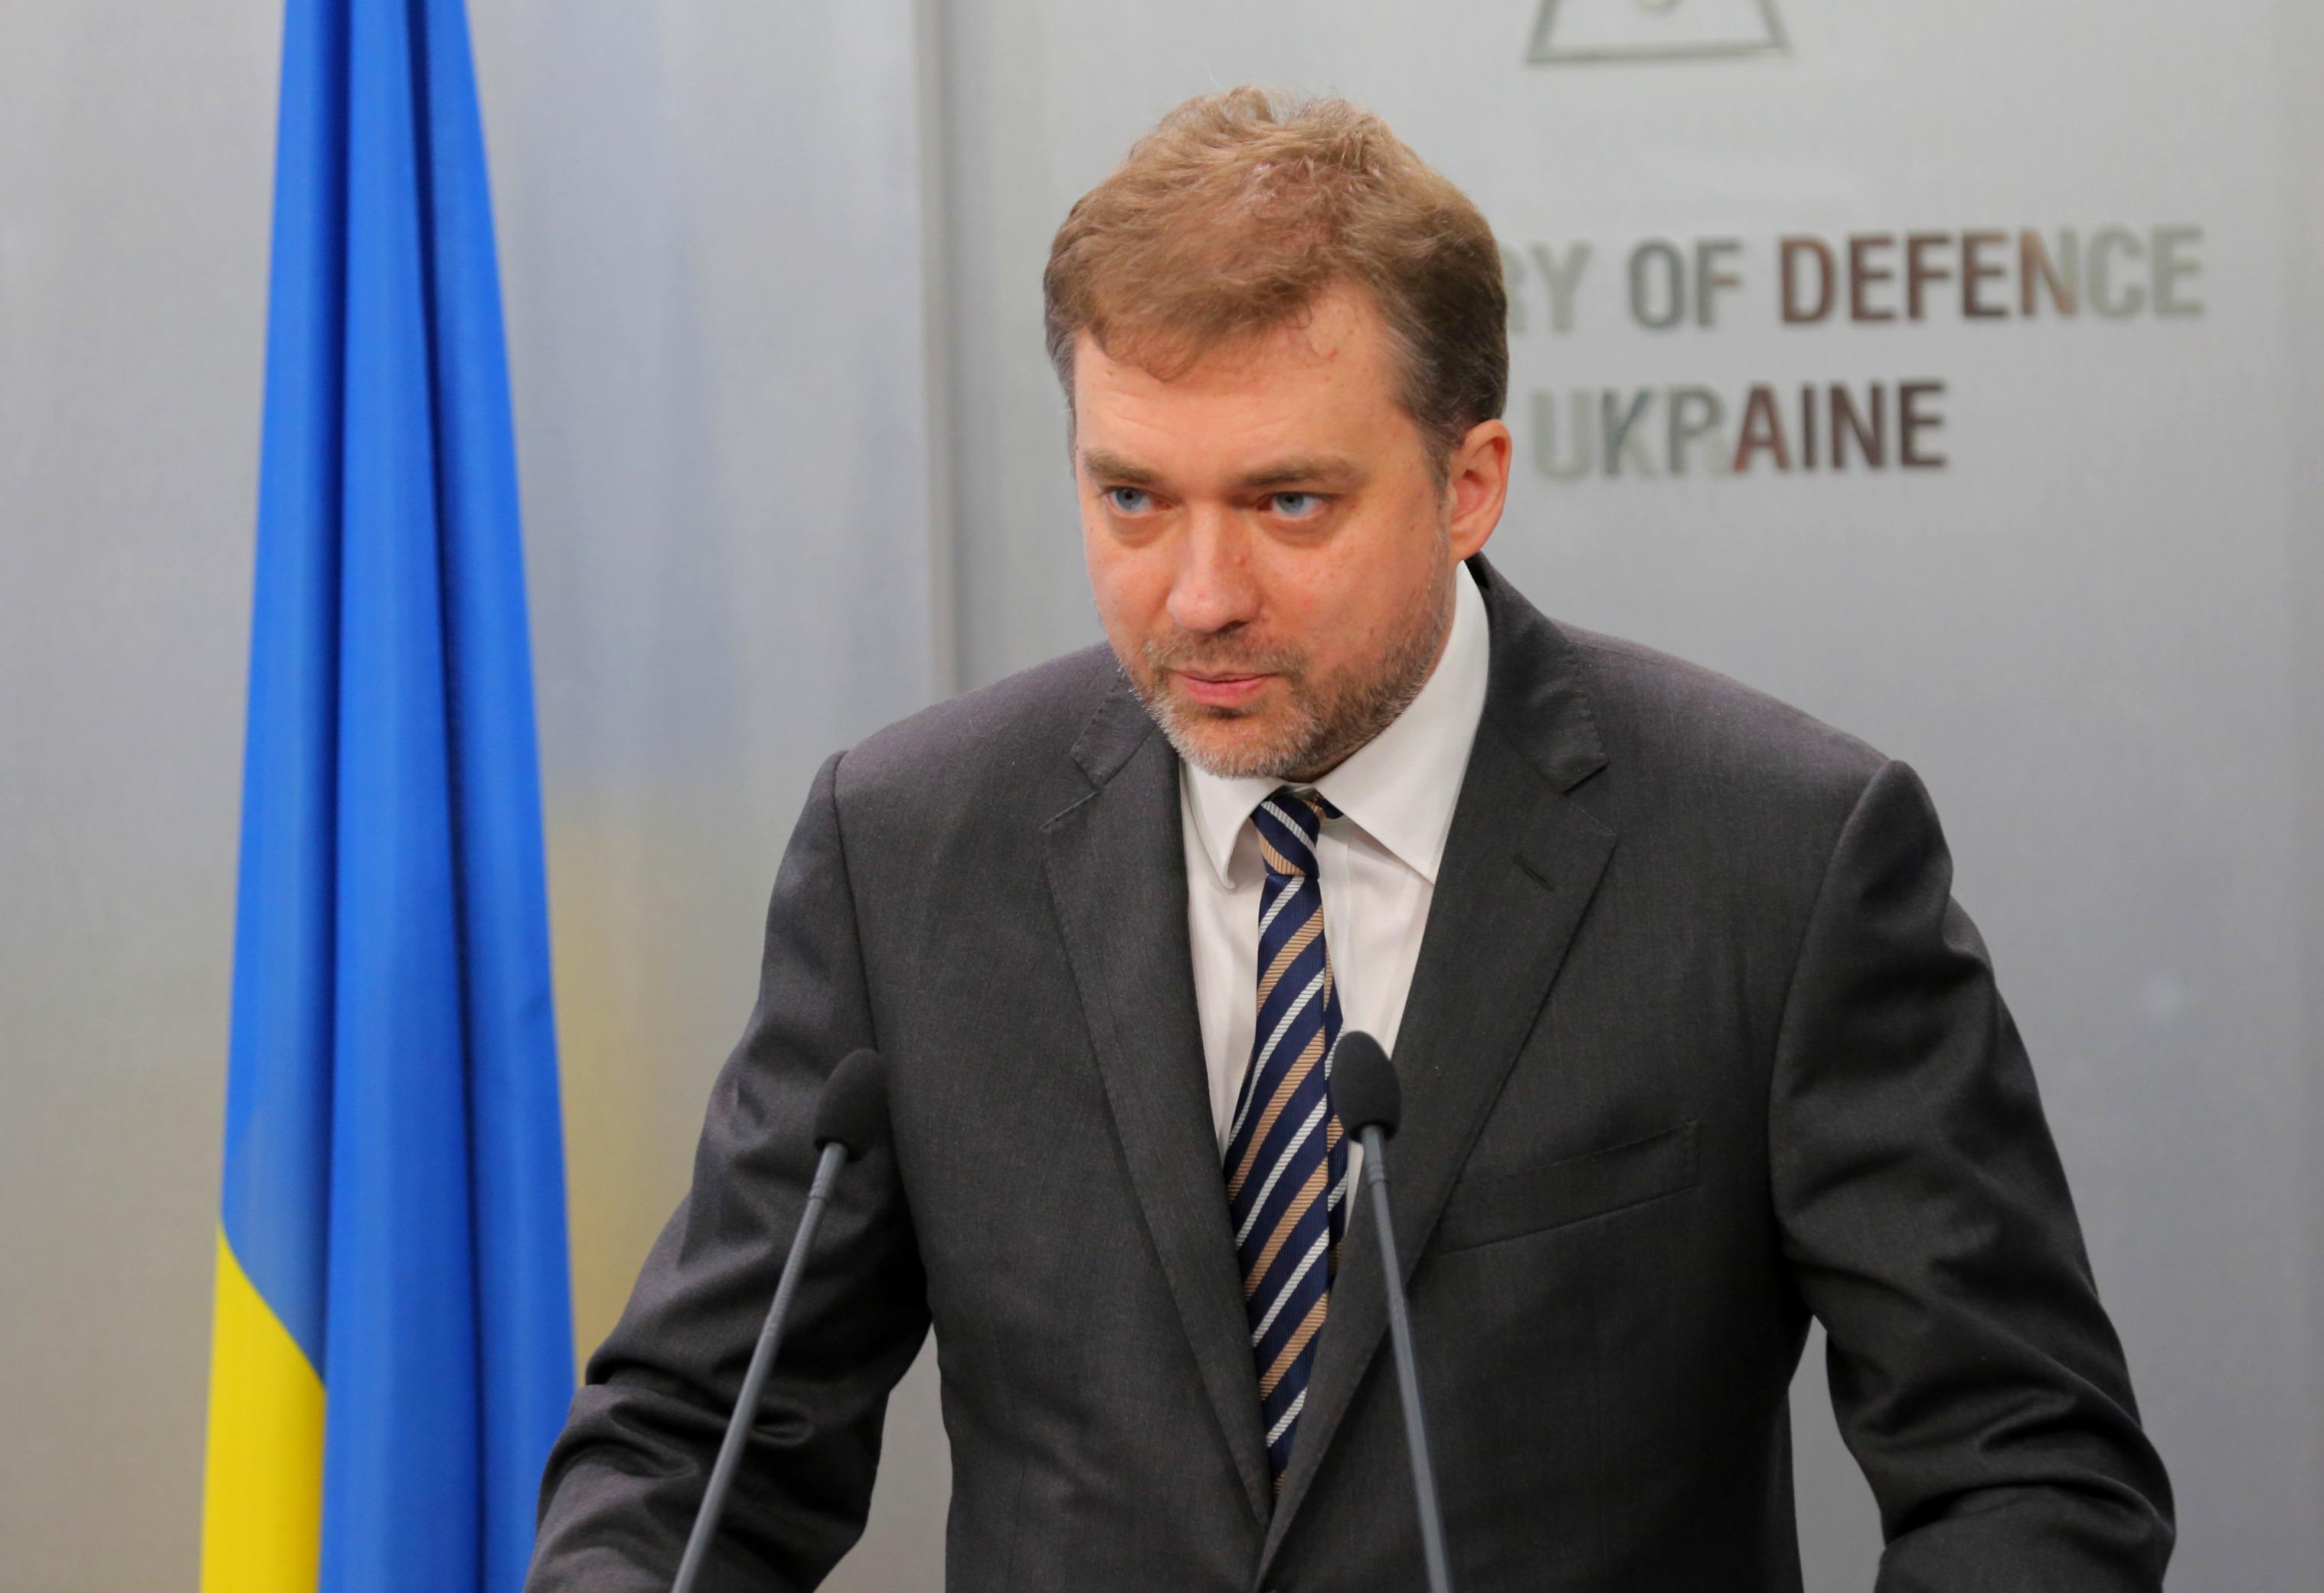 В Северодонецке и Мариуполе намерены построить военные базы по стандартам НАТО